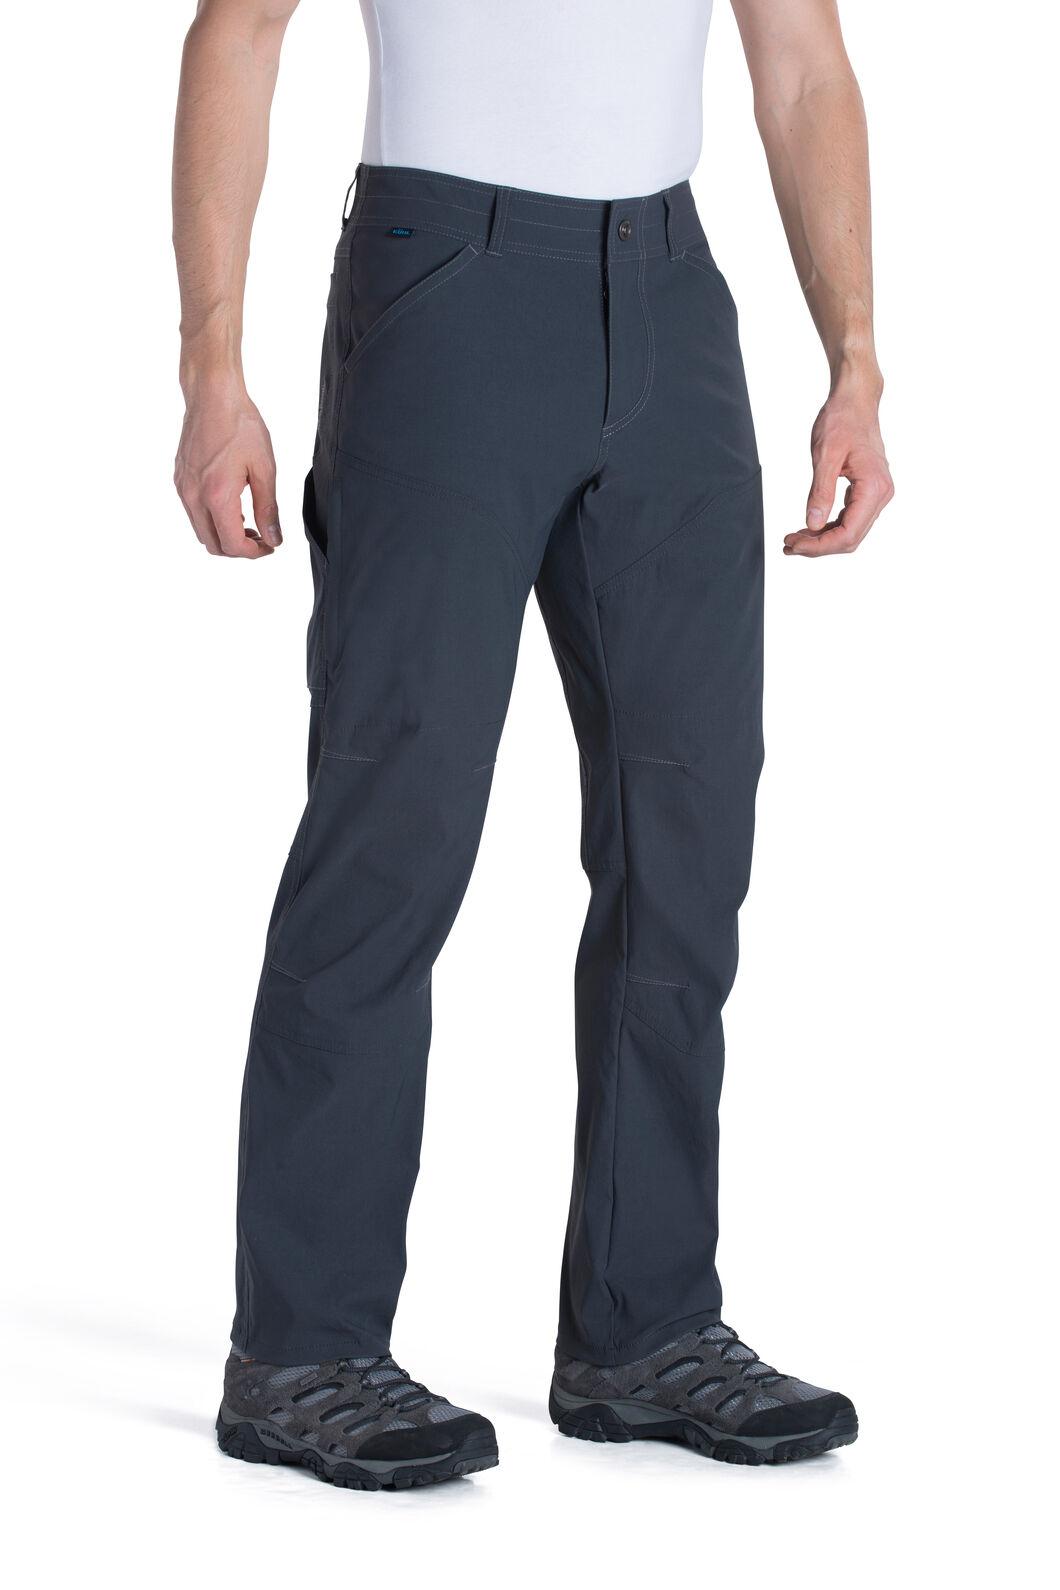 Kuhl Renegade Pants (30 inch) - Men's, Black, hi-res